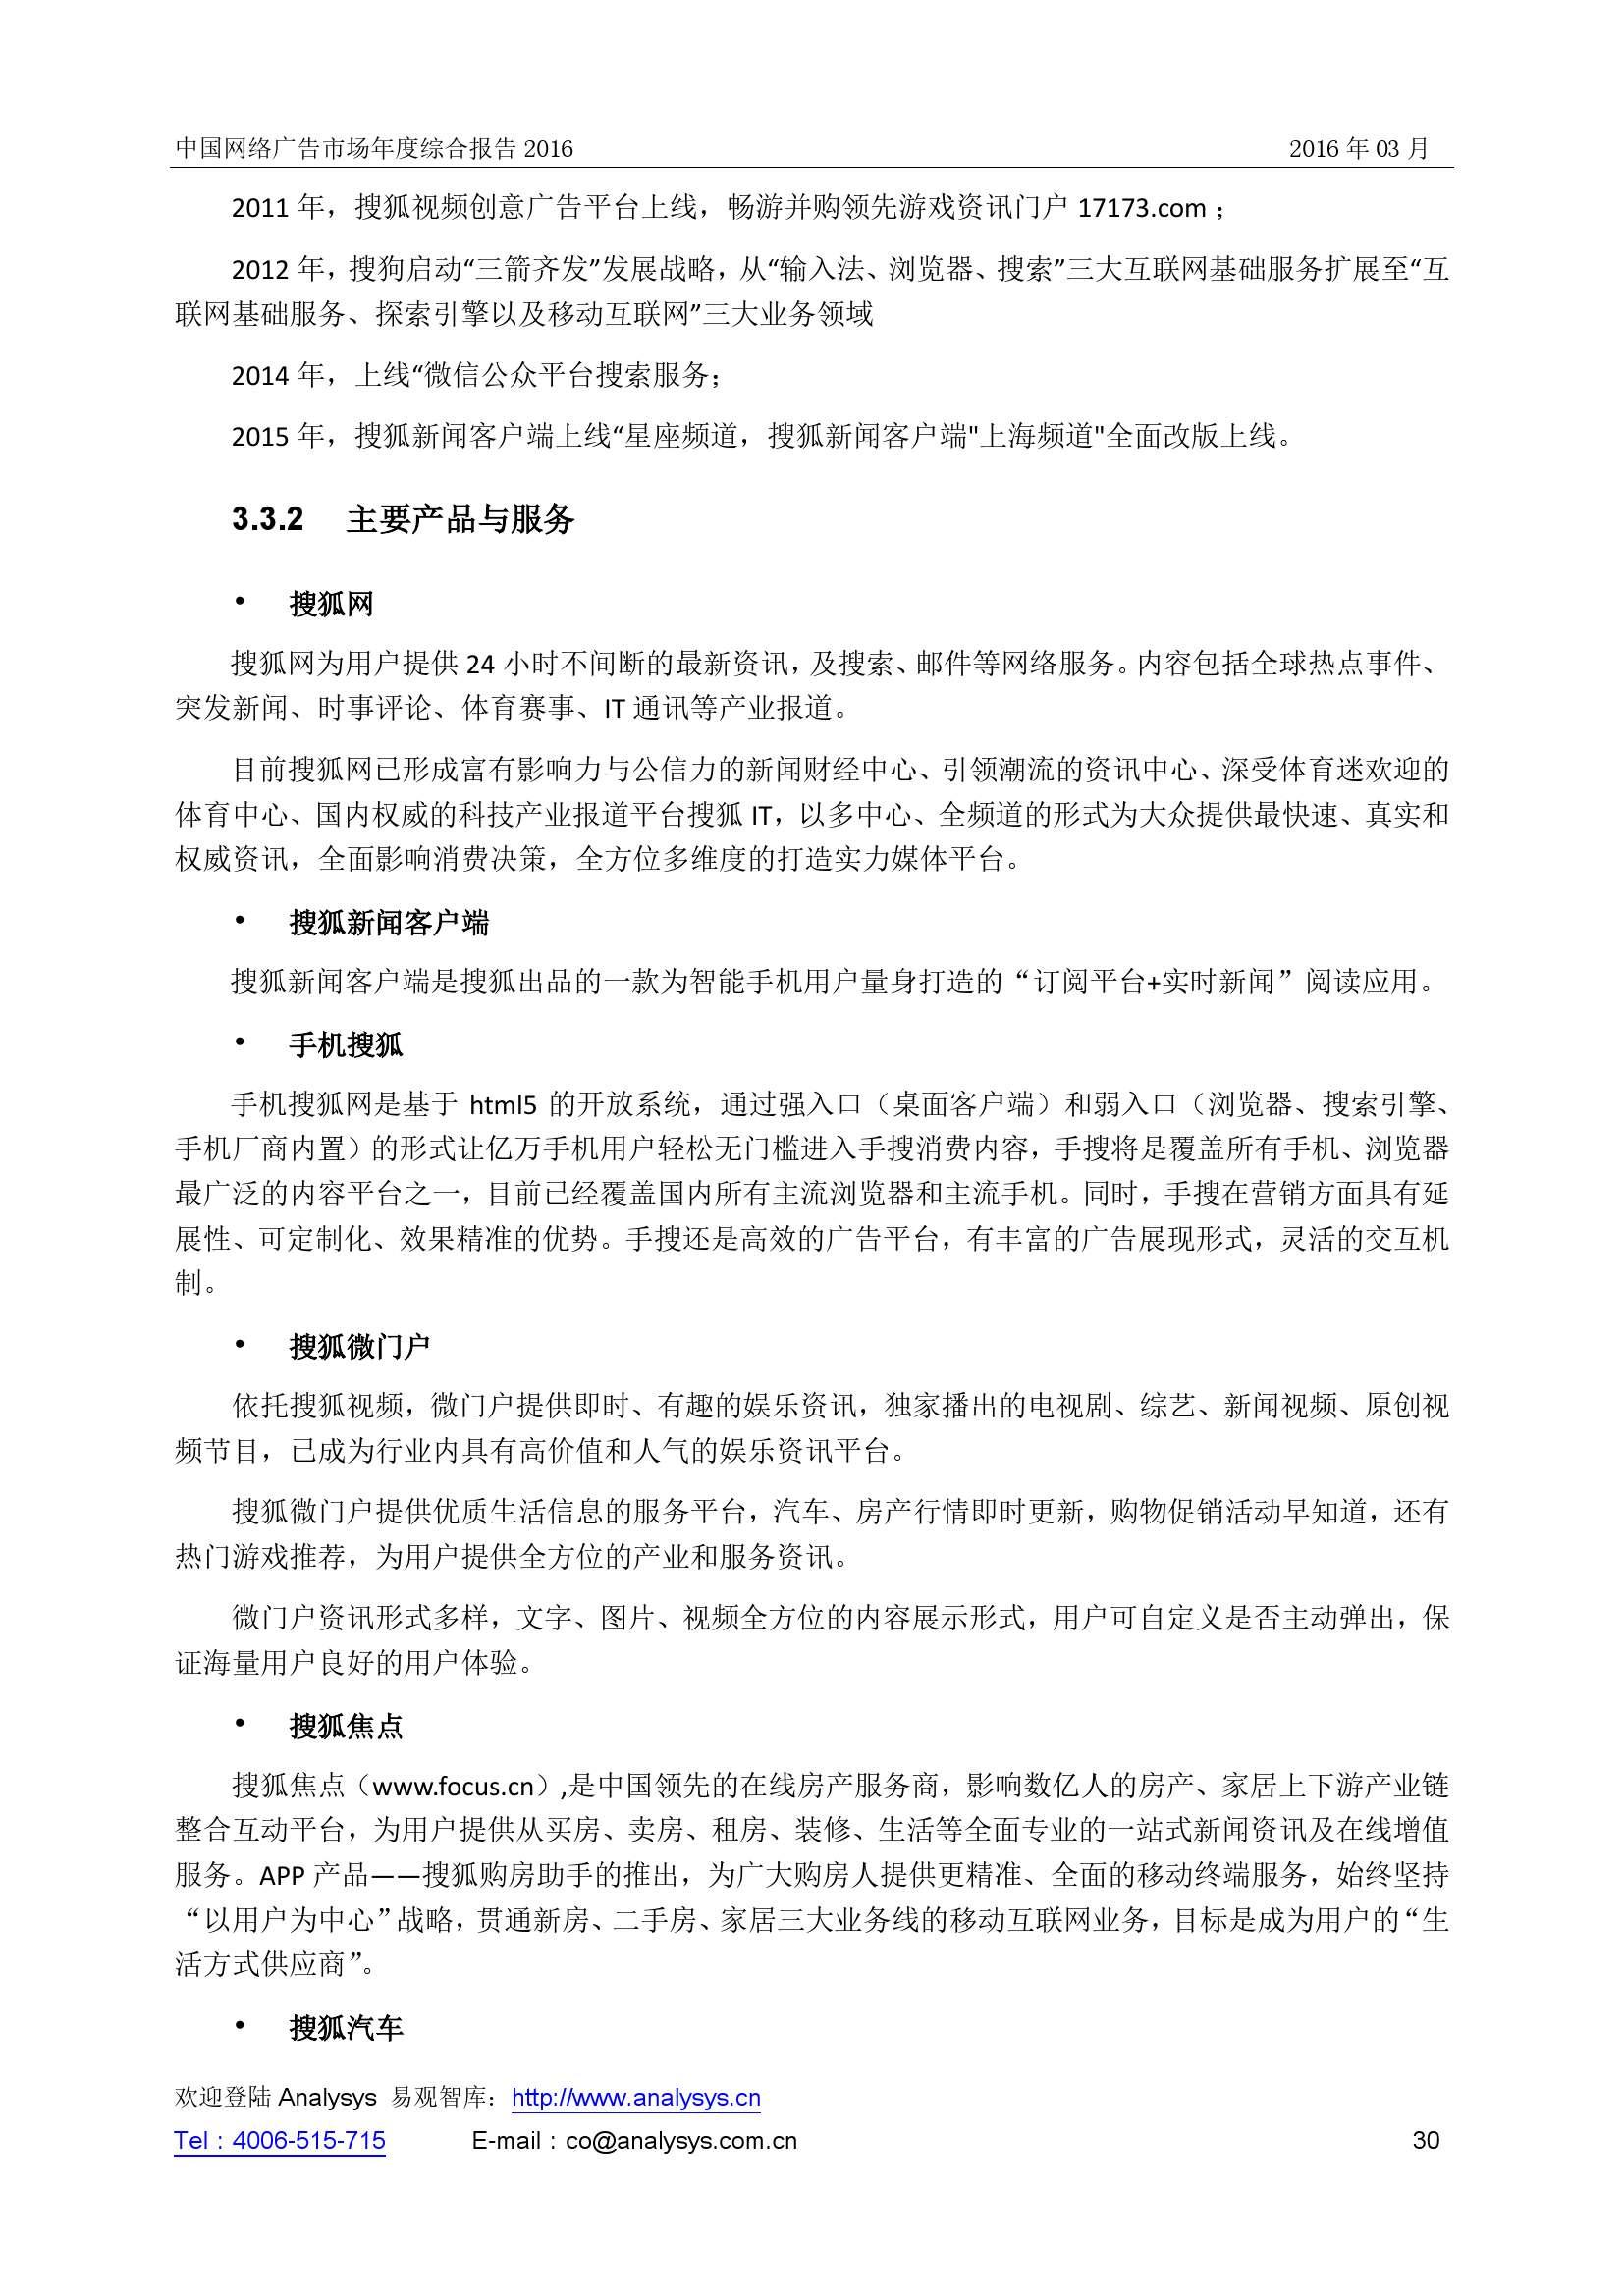 中国网络广告市场年度综合报告2016_000030